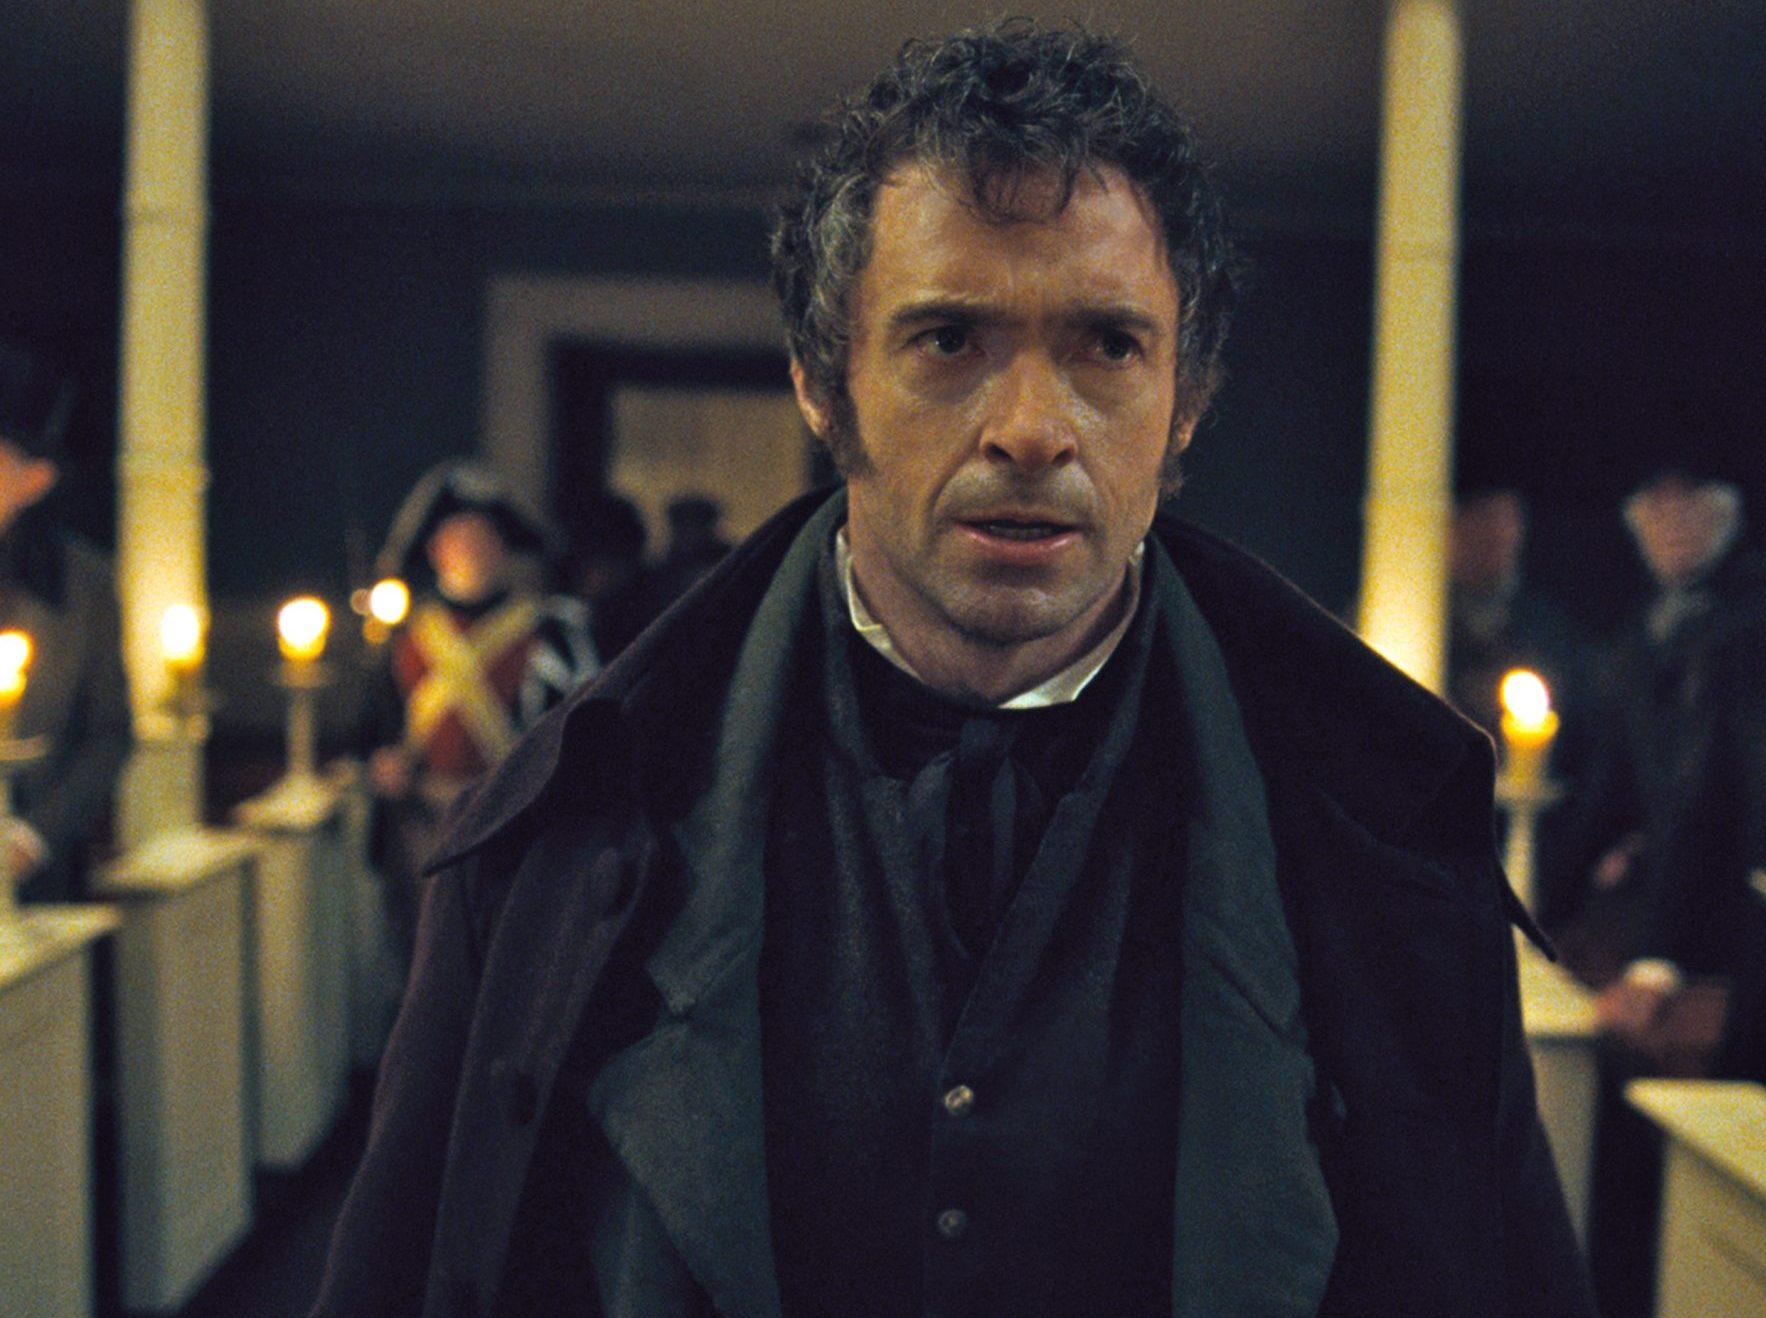 hugh jackman les miserables1 scaled e1625740013919 25 Things You Didn't Know About Les Misérables (2012)